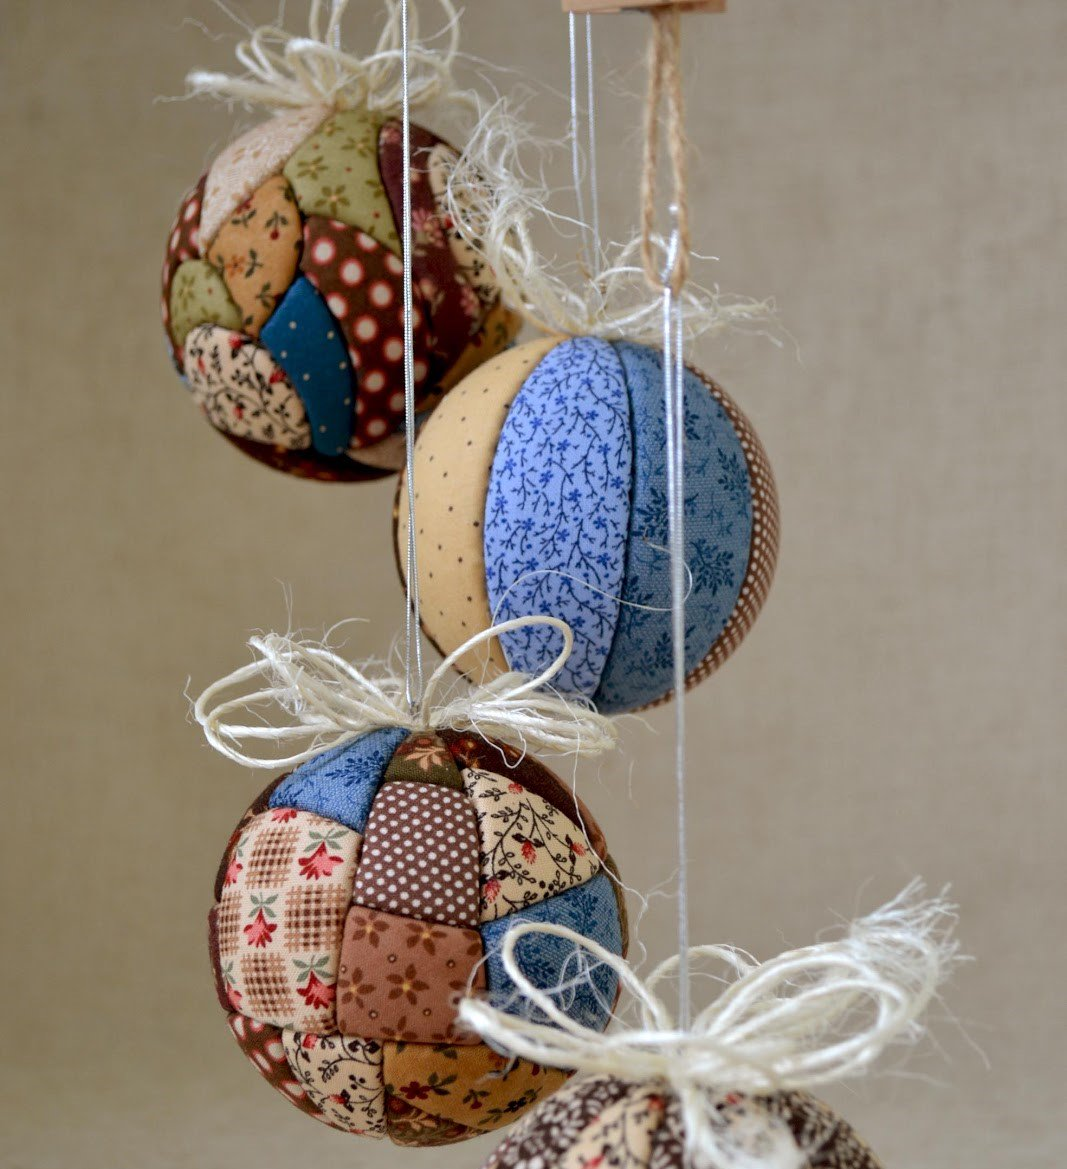 Fondos bolas navidad fondos de pantalla - Bolas transparentes para decorar ...